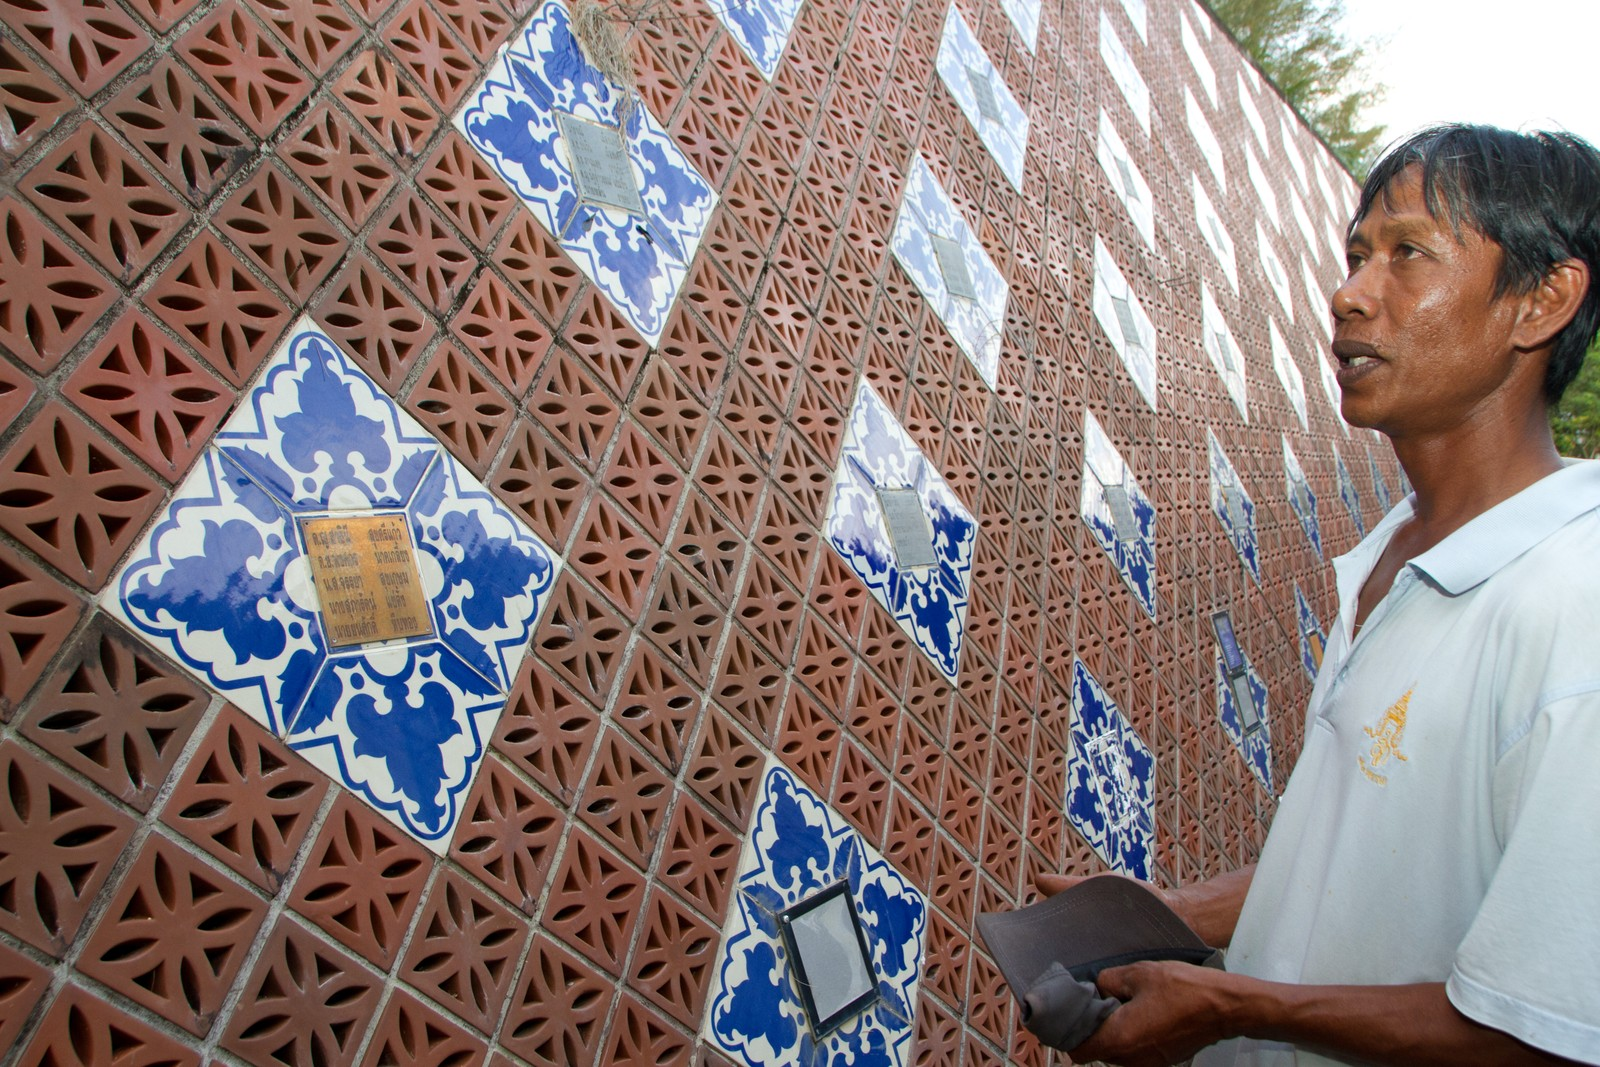 Han har ikke telt over hvor mange venner han kjenner som står oppført på minneveggen. Sønnen på 4 år døde i tsunamien.